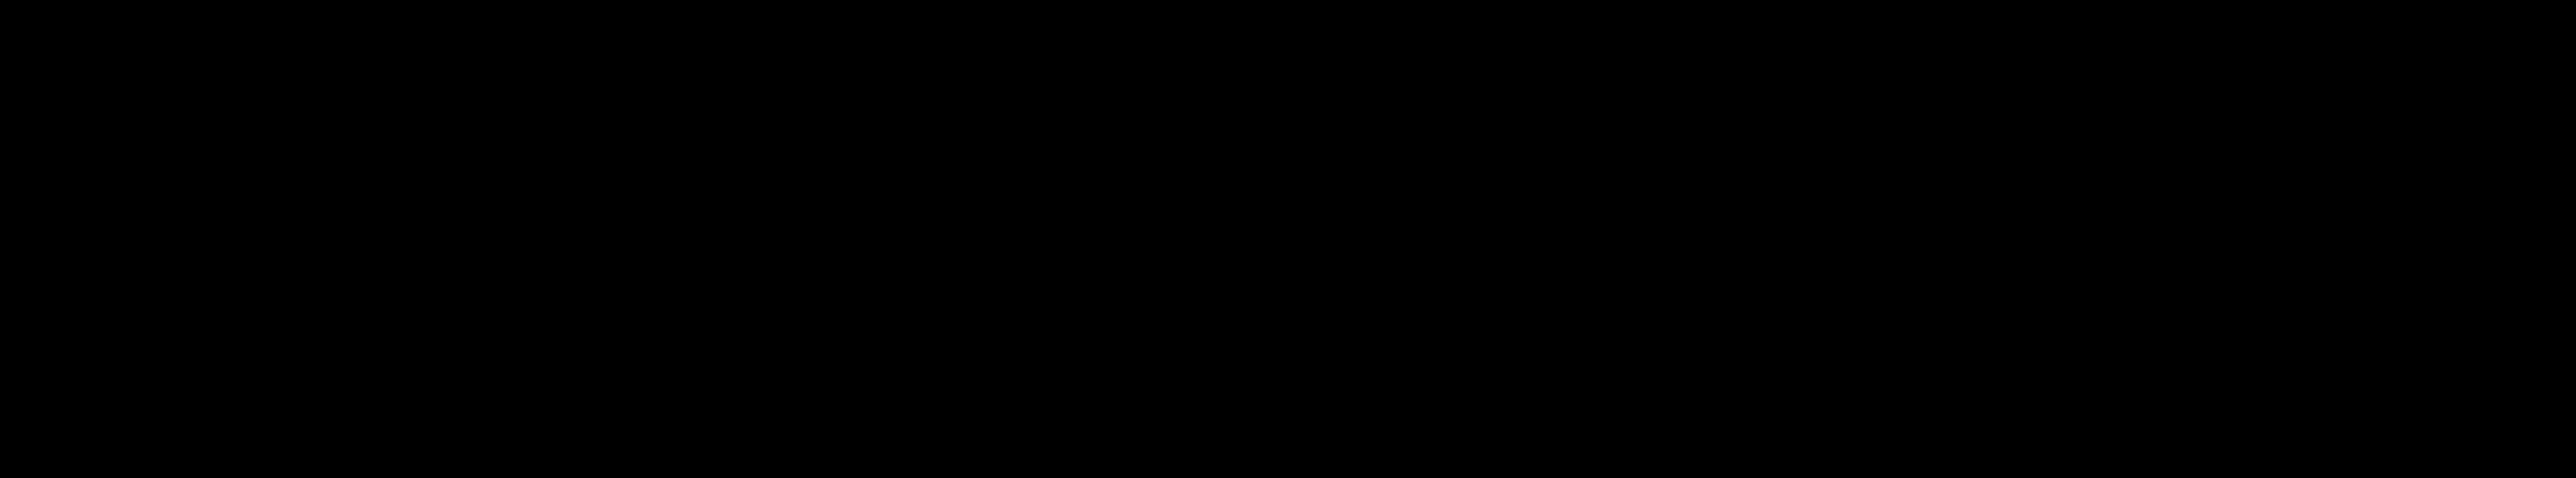 (E)-N-(3-((3-((3-aminopropyl)amino)propyl)amino)propyl)-3-(2,4-dibromo-5-methoxy-d<sub>3</sub>-phenyl)acrylamidetrifluoroacetate (1:3)